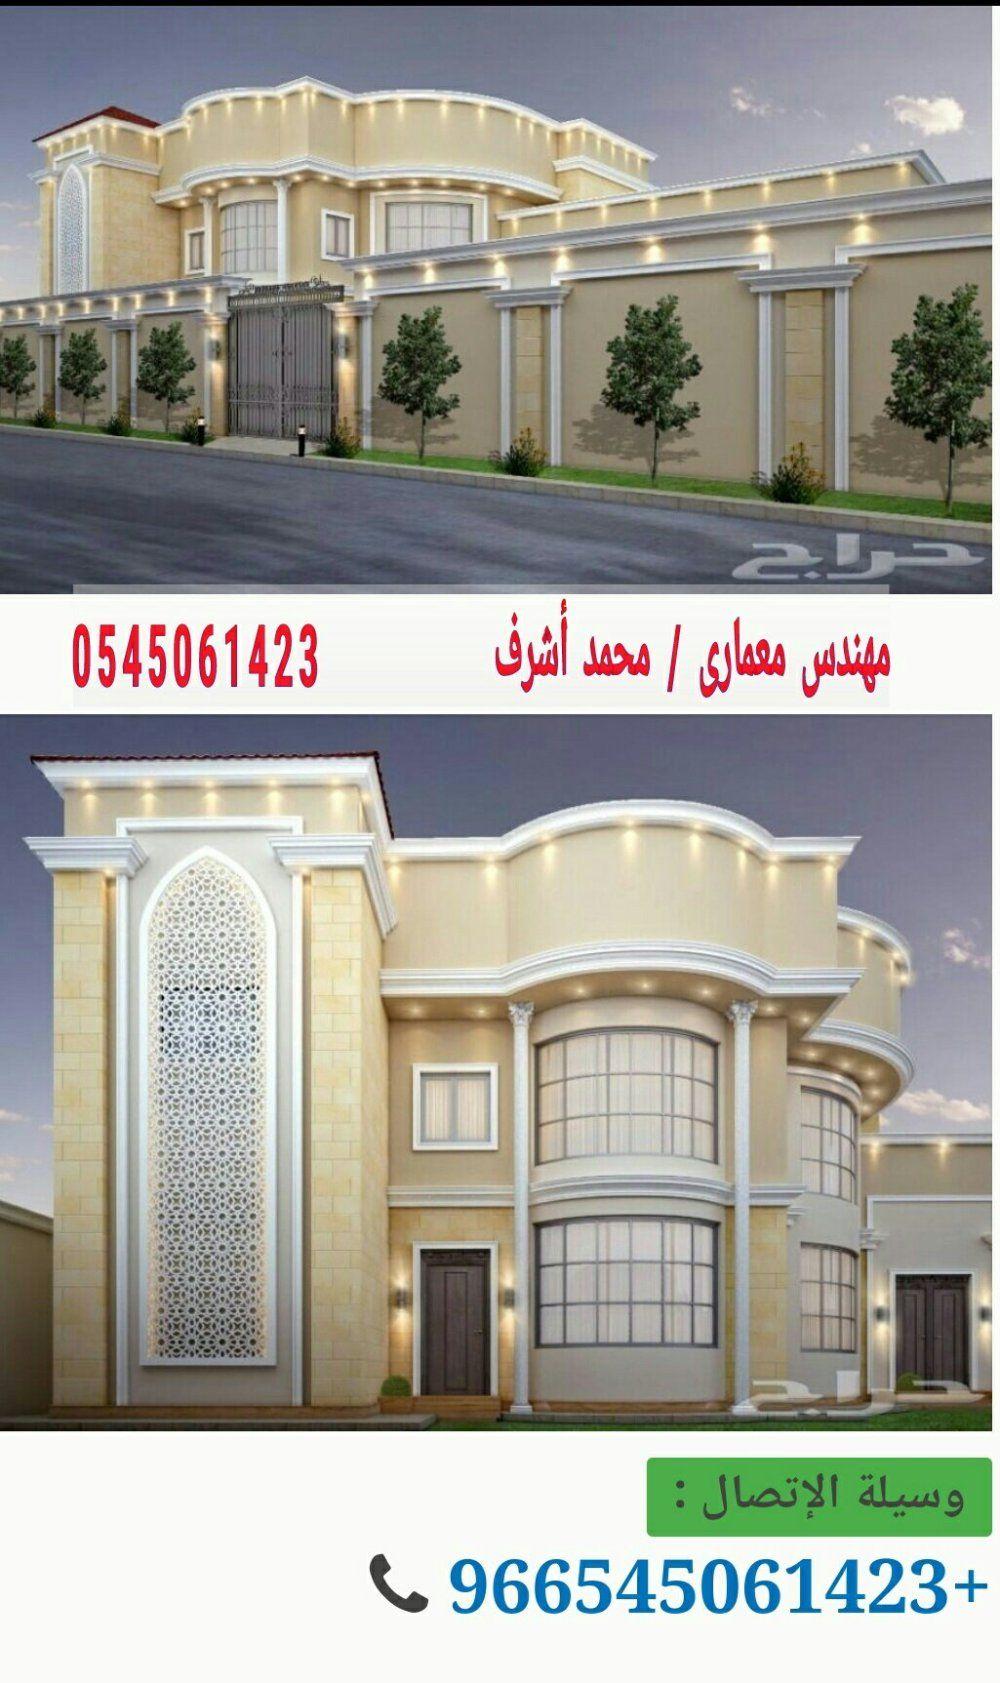 تصاميم منازل 2020 66